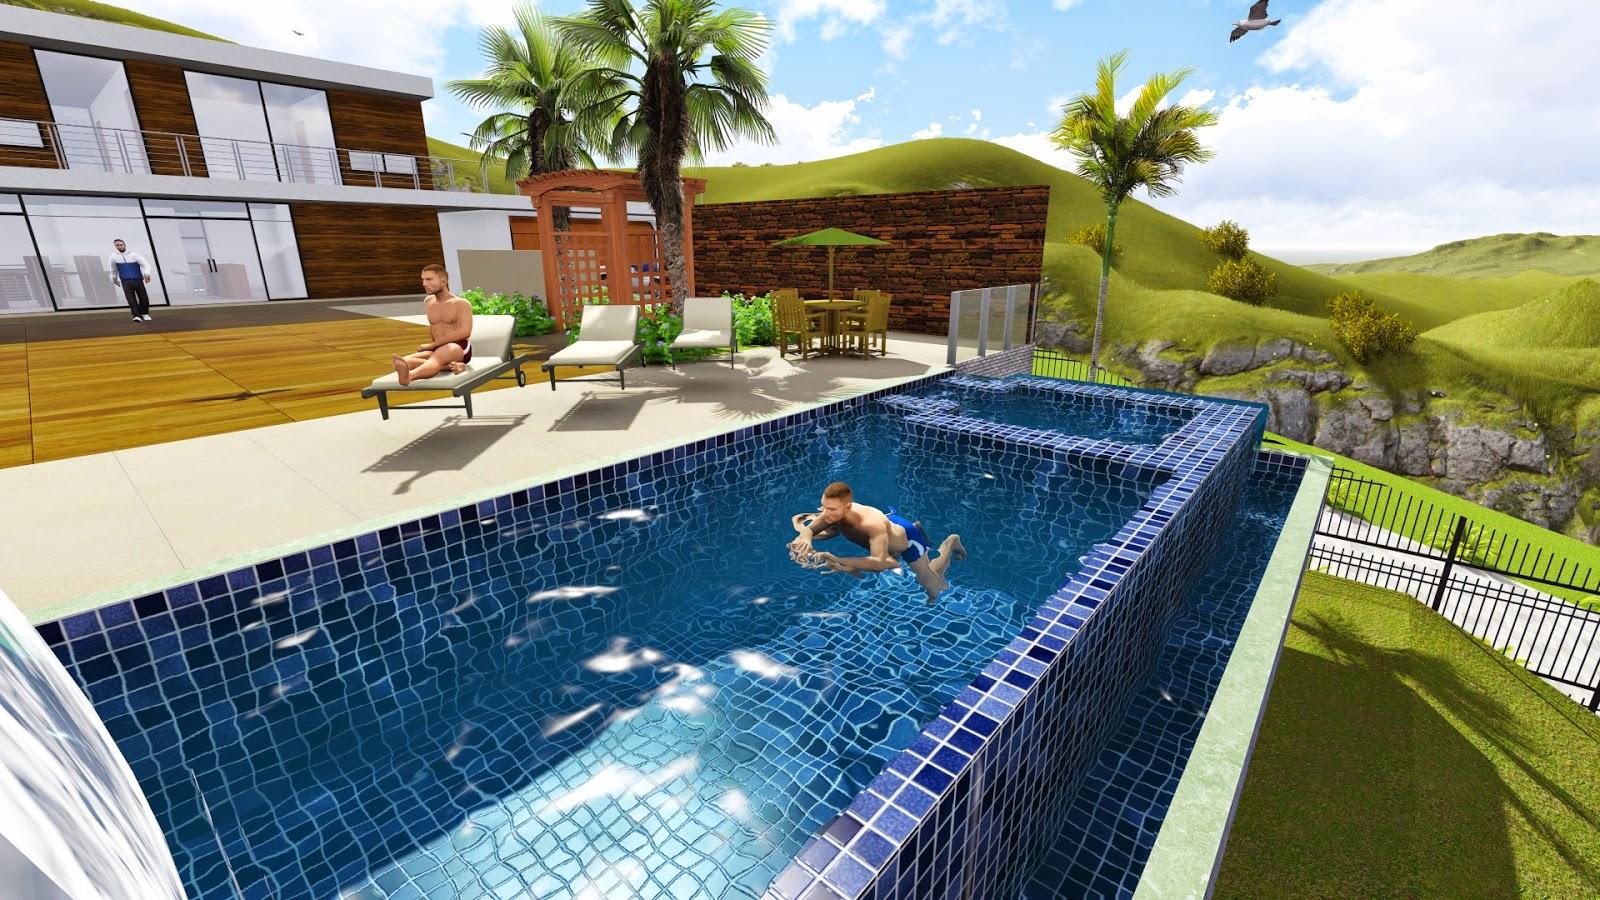 projeto de piscina em 3d renderizado projetos deForPiscina 3d